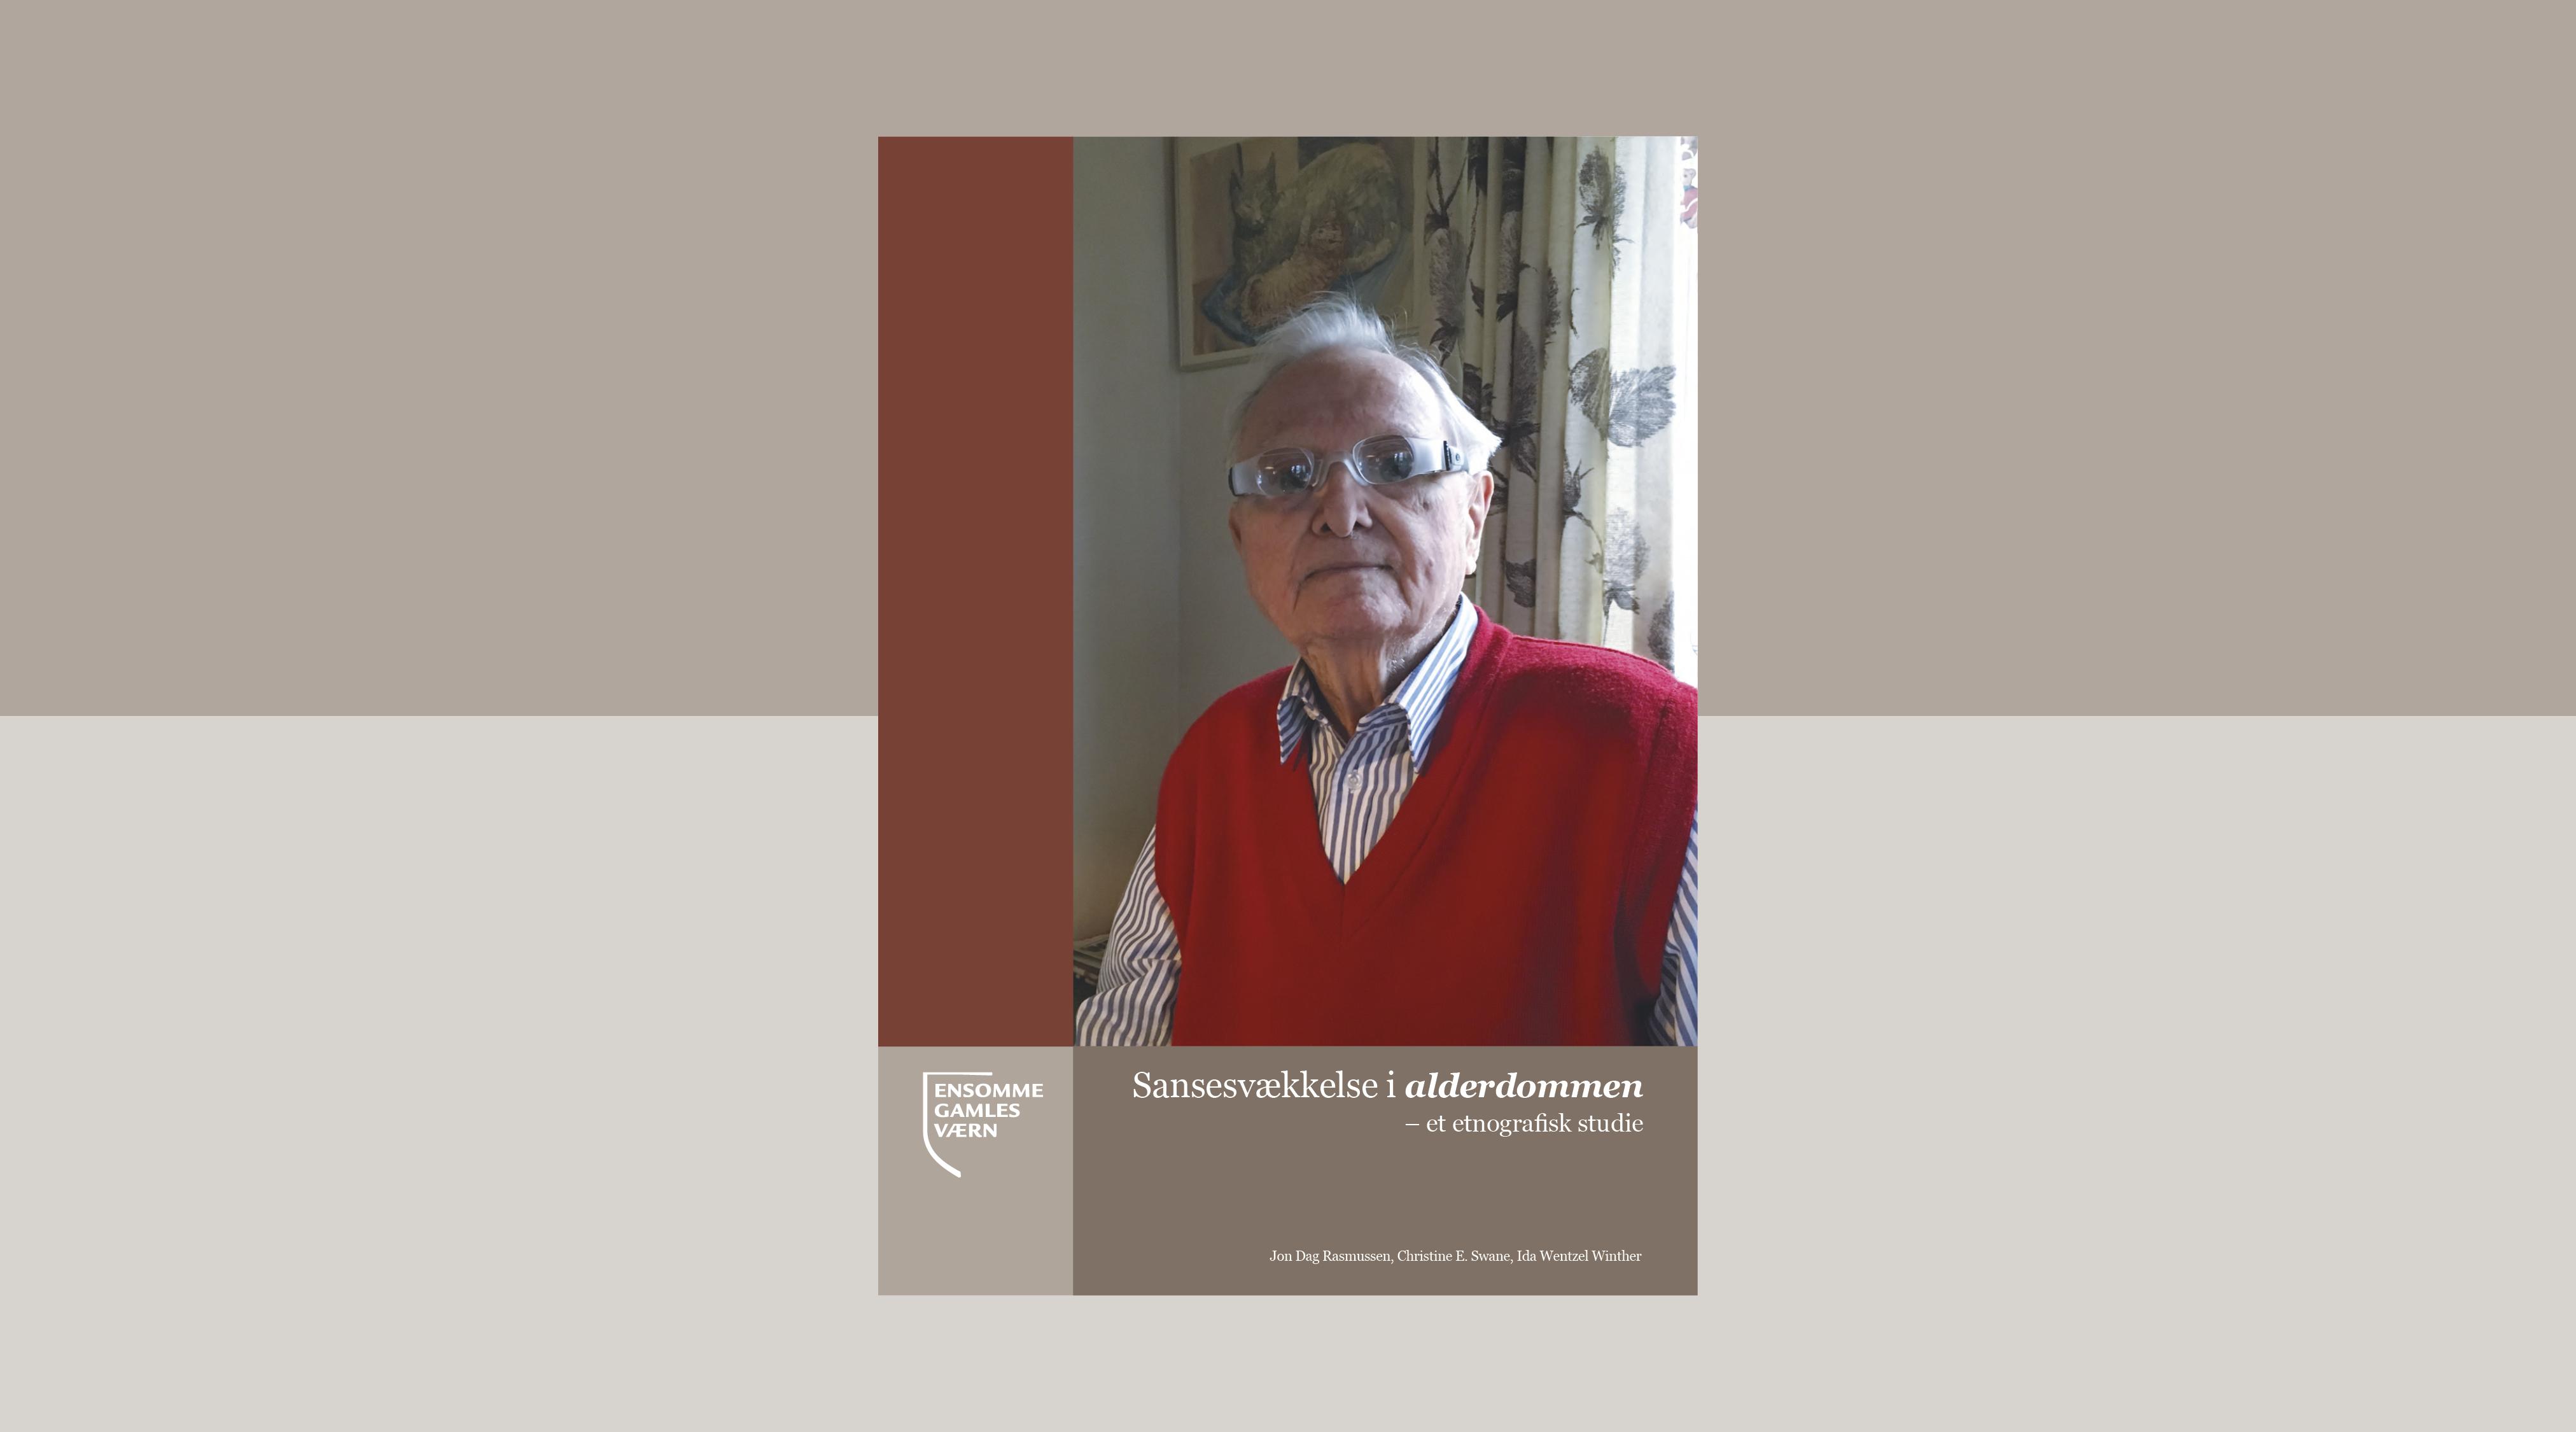 Forside af rapporten Sansesvækkelse i alderdommen, der viser en ældre mand med briller